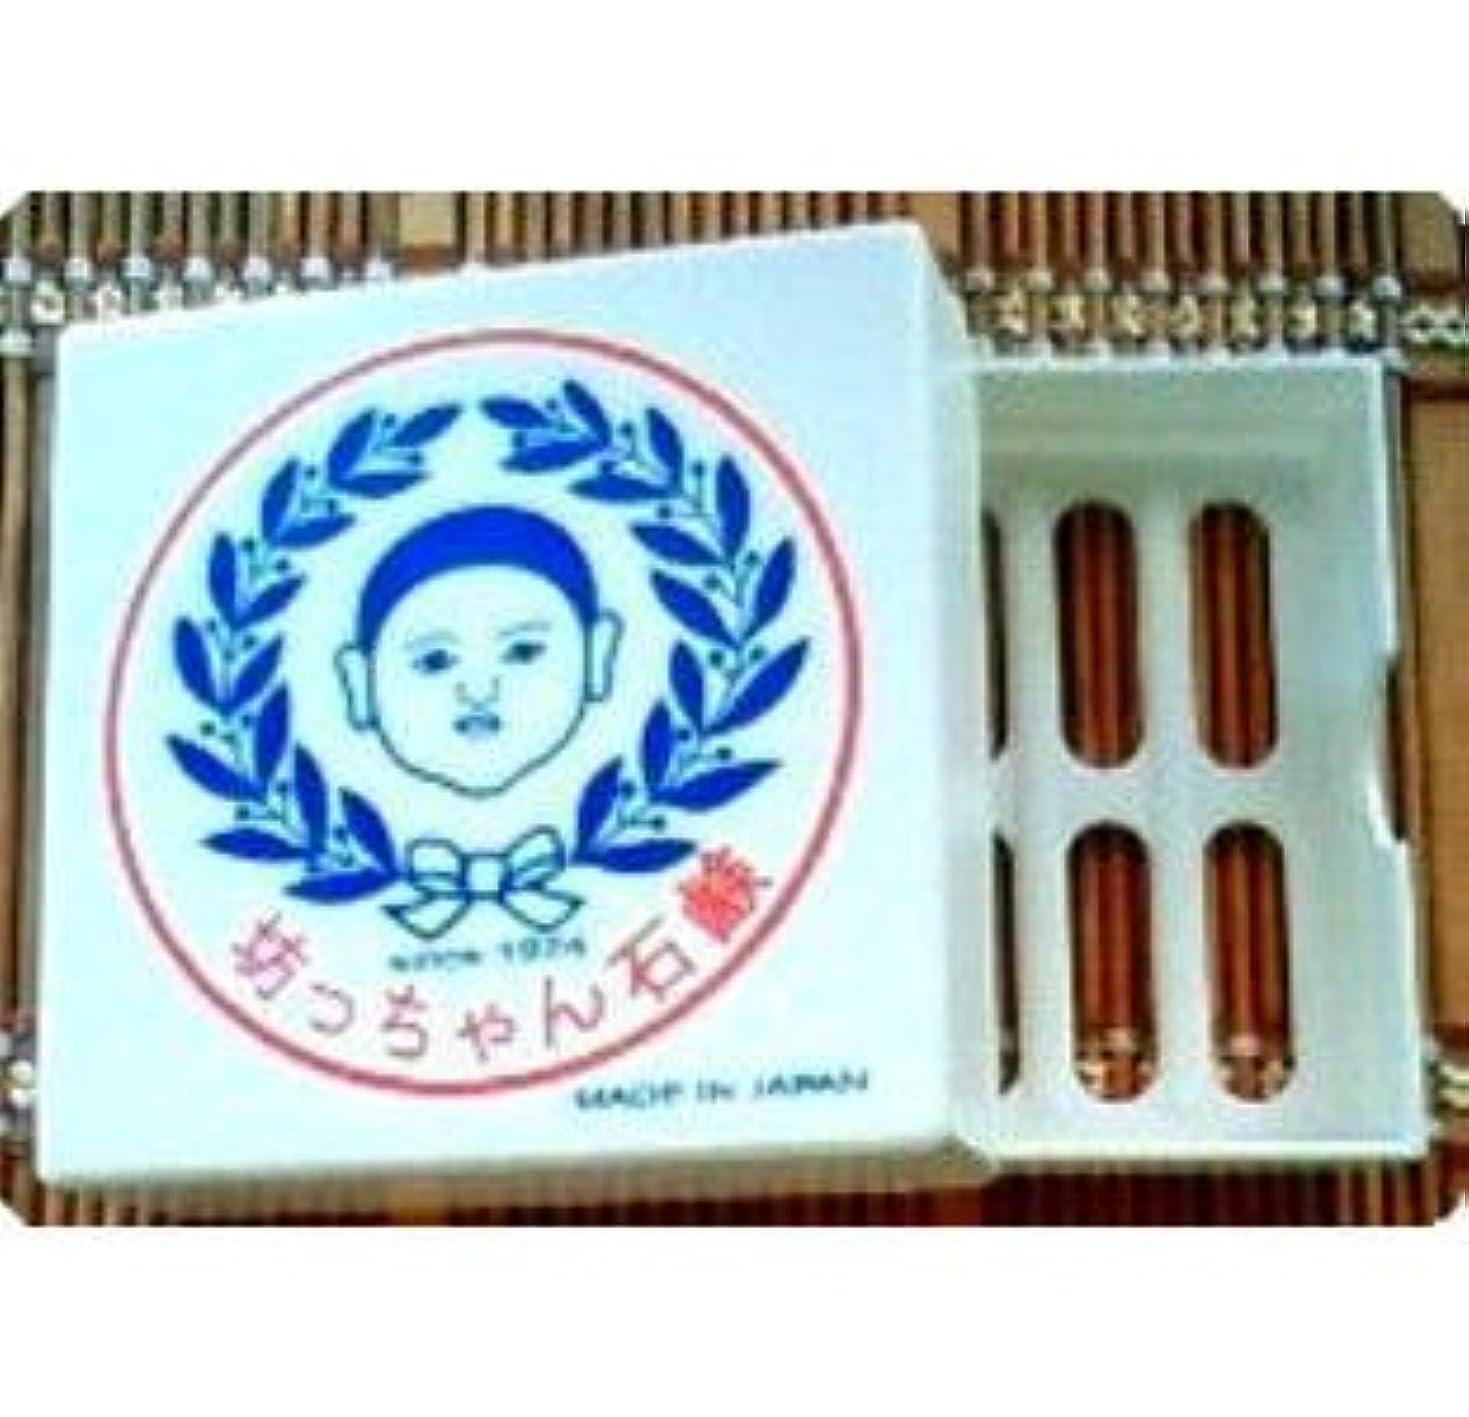 聞くぬるい胚芽坊っちゃん石鹸用ケース(石鹸入れ)